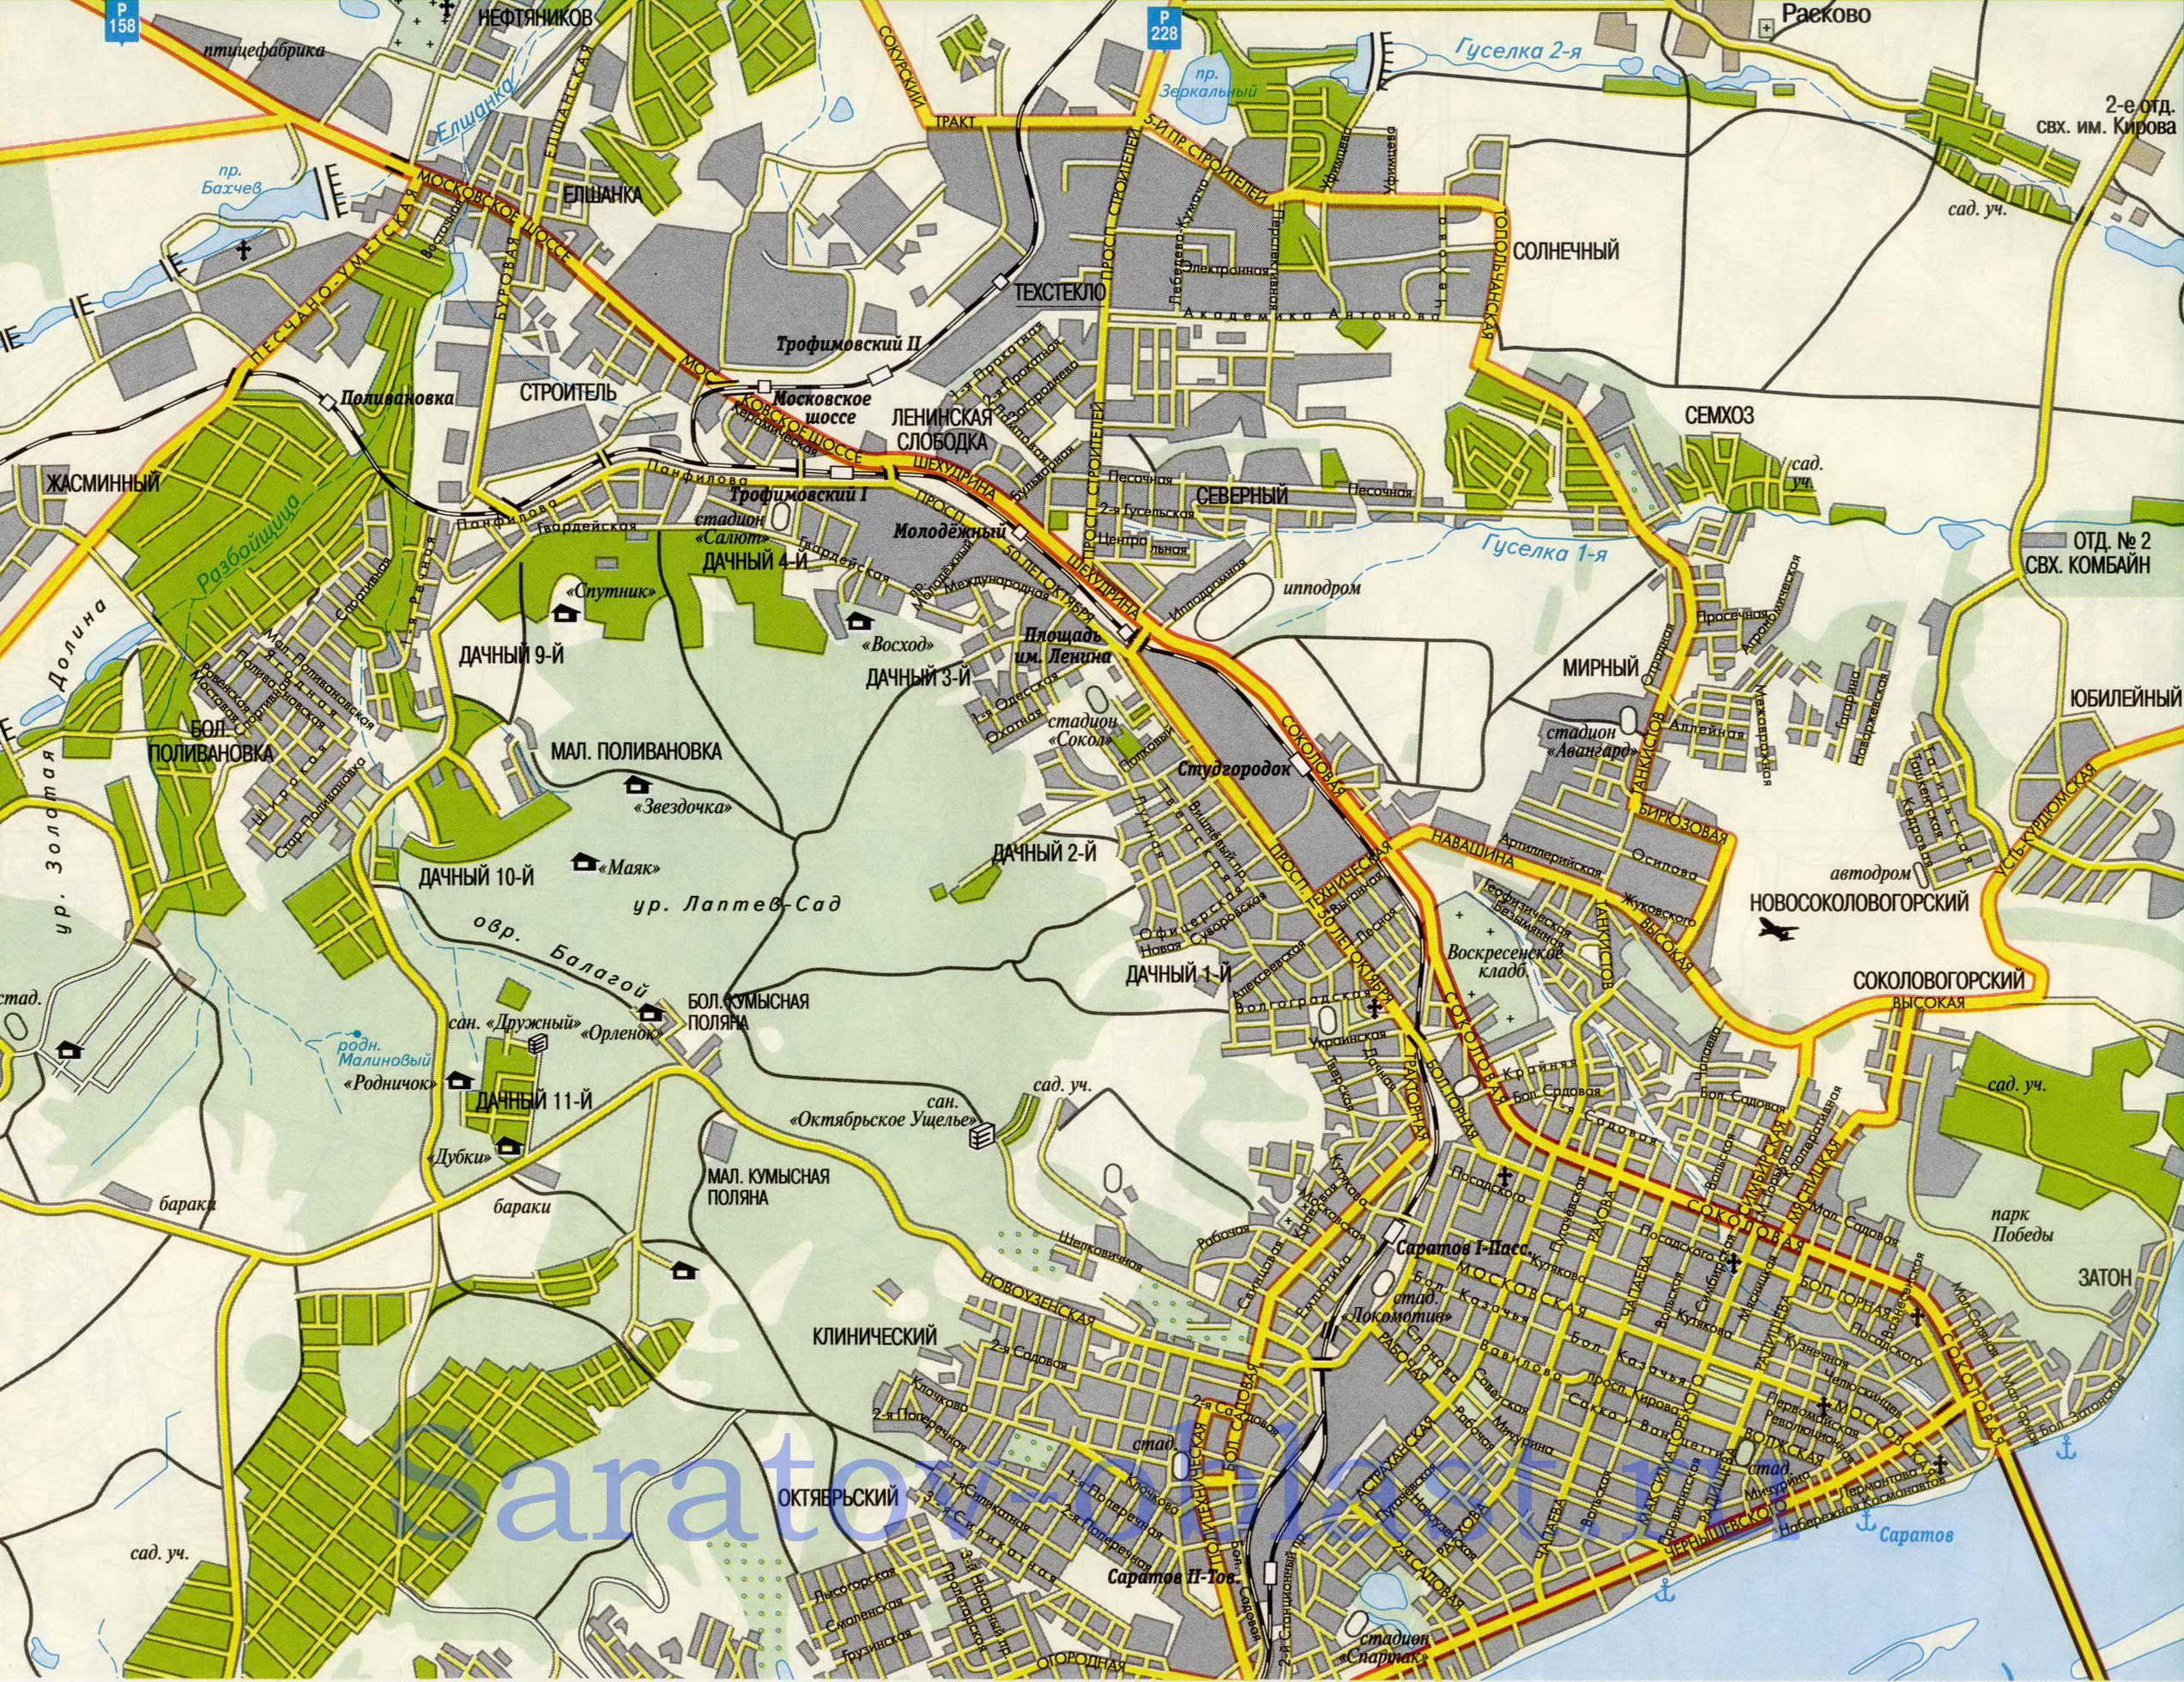 схема проезда маршруток 56 саратов